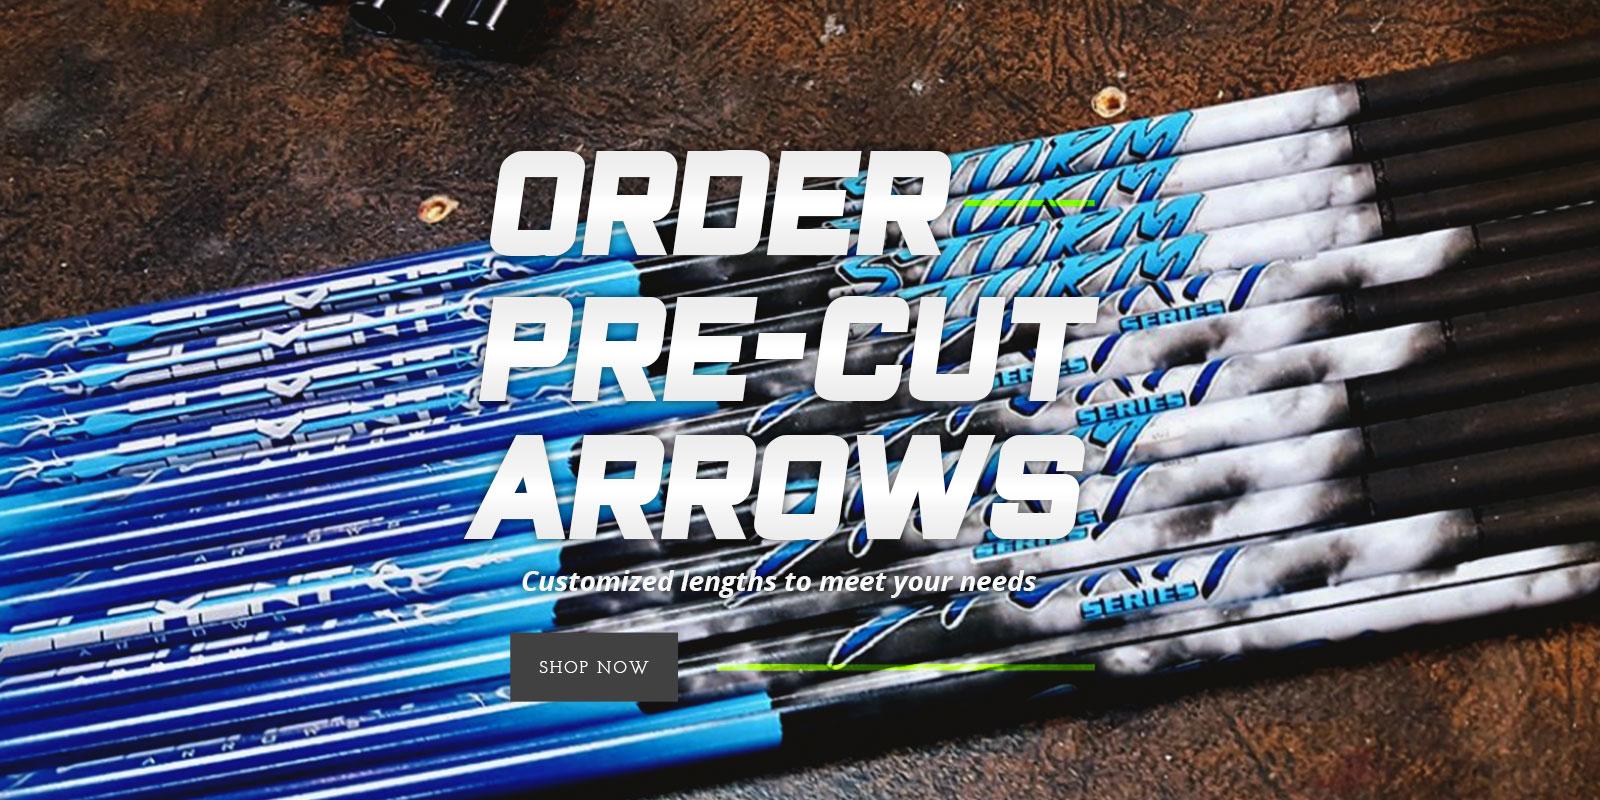 ORDER PRE-CUT ARROWS